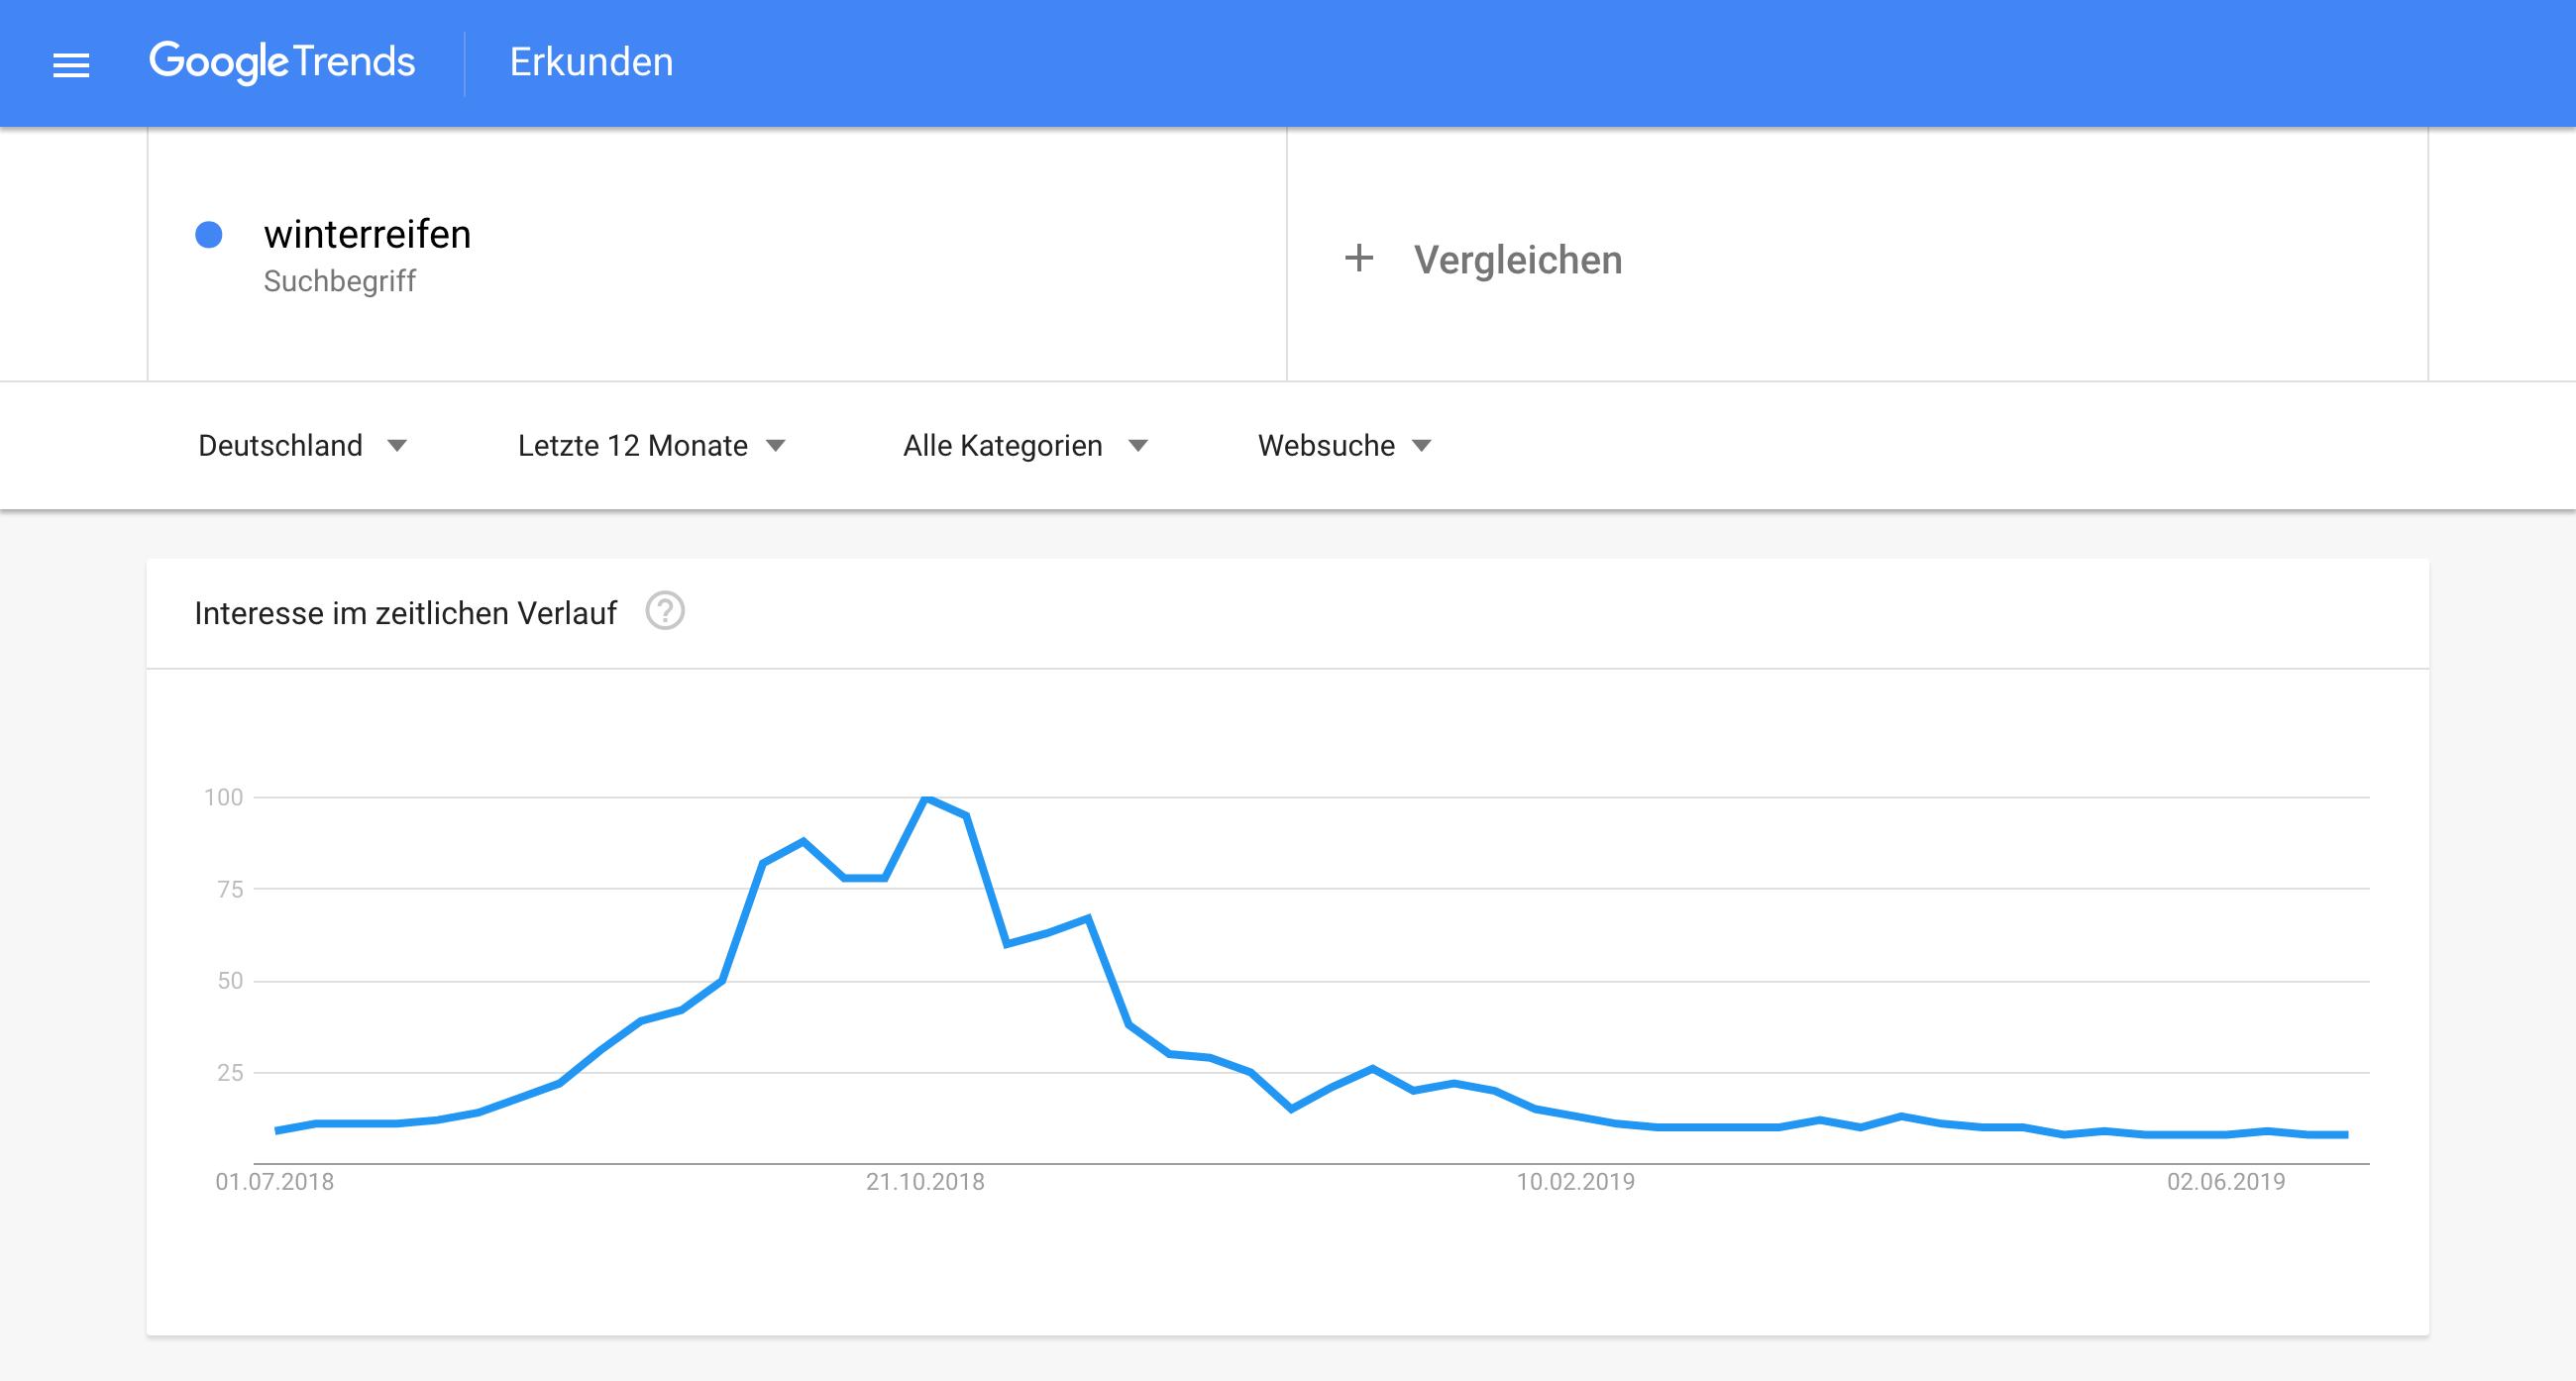 Google Trends Verlauf für zwischen Juni 2018 und Juli 2019 für das Keyword Winterreifen. Der Peak liegt im Oktober.